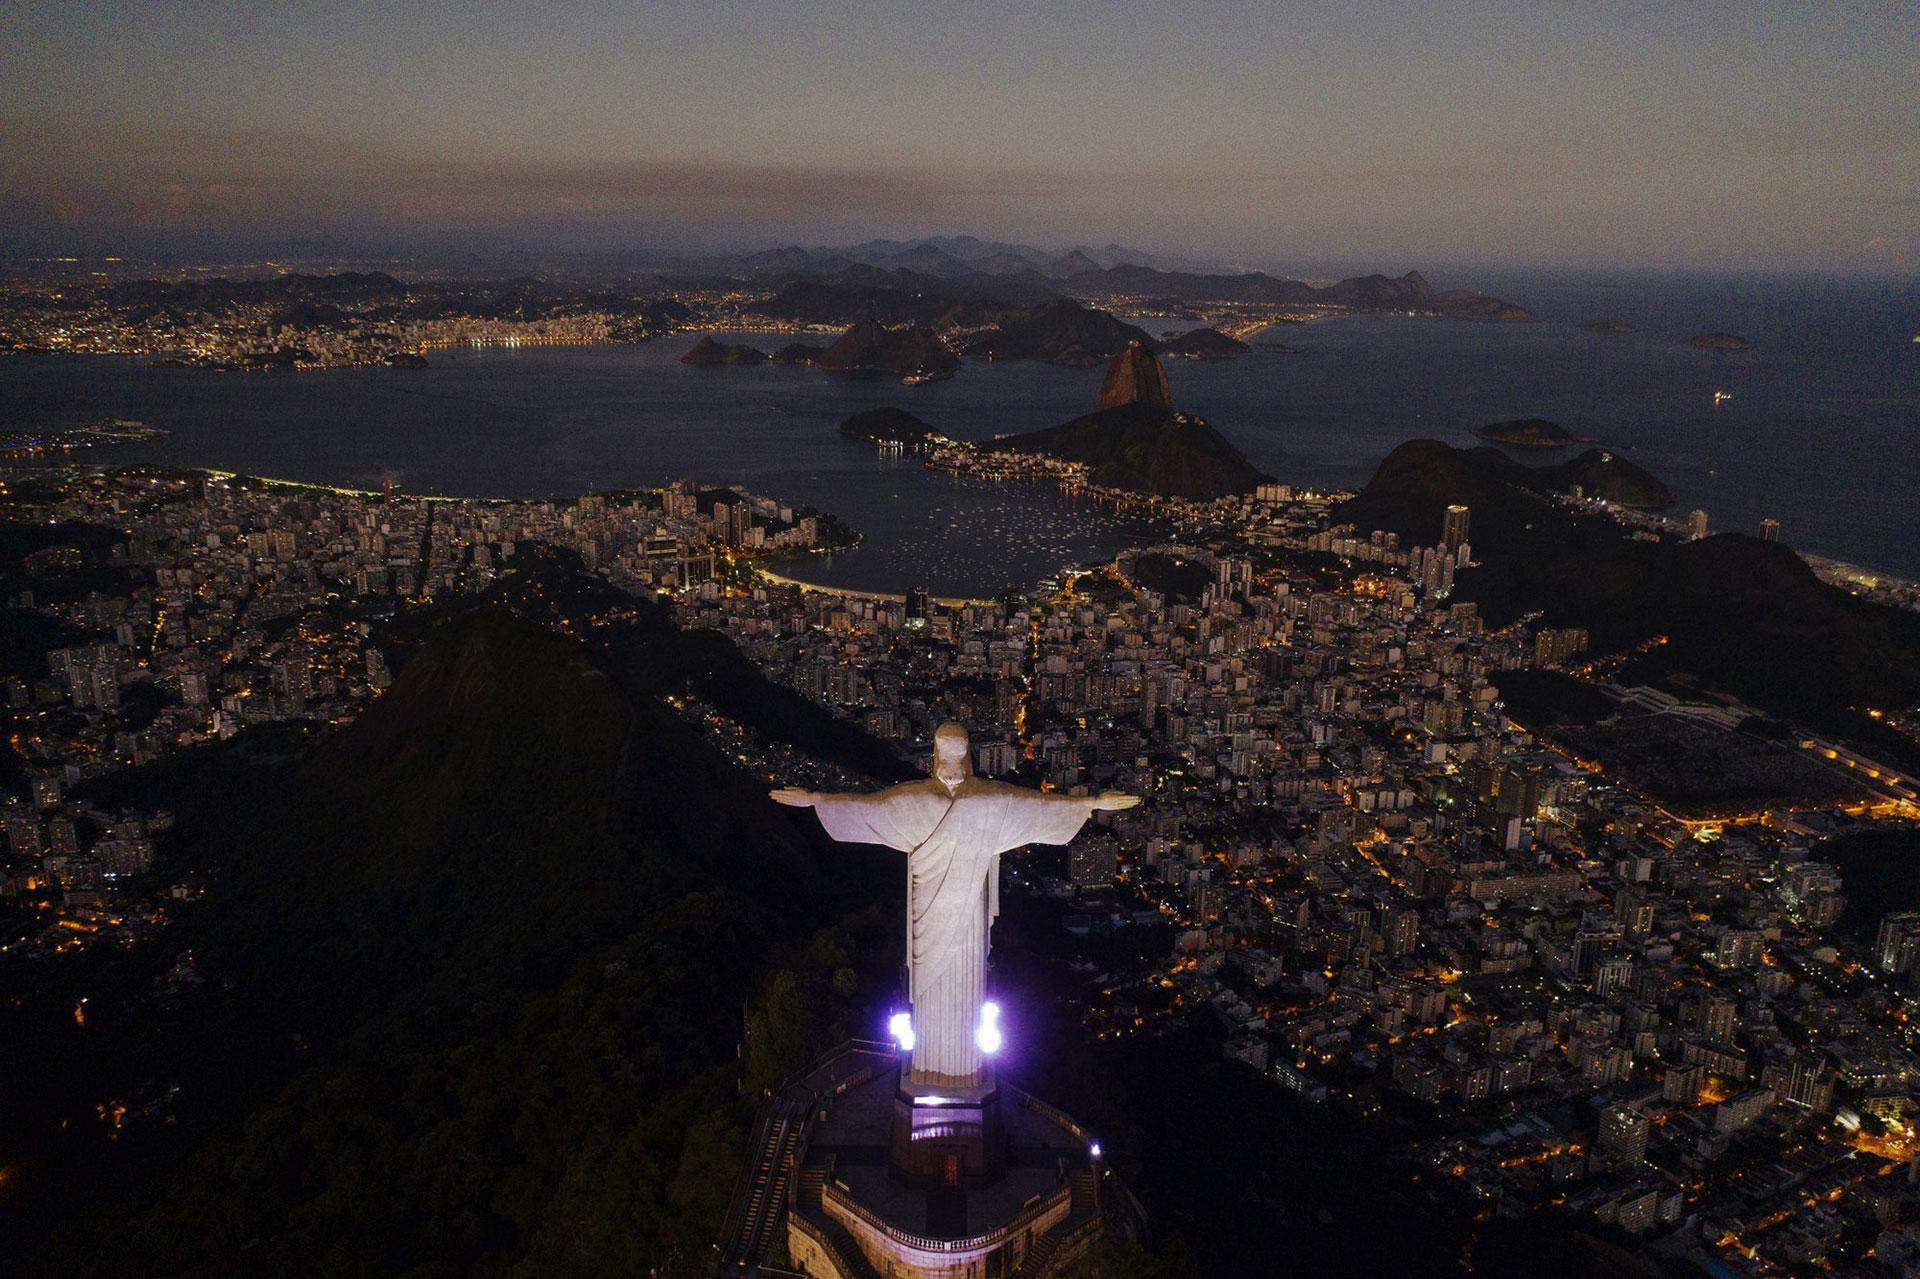 La estatua del Cristo Redentor se alza sobre la bahía de Guanabara durante el anochecer en medio del brote del coronavirus en Río de Janeiro, Brasil, el lunes 27 de abril de 2020. (Foto AP / Leo Correa)